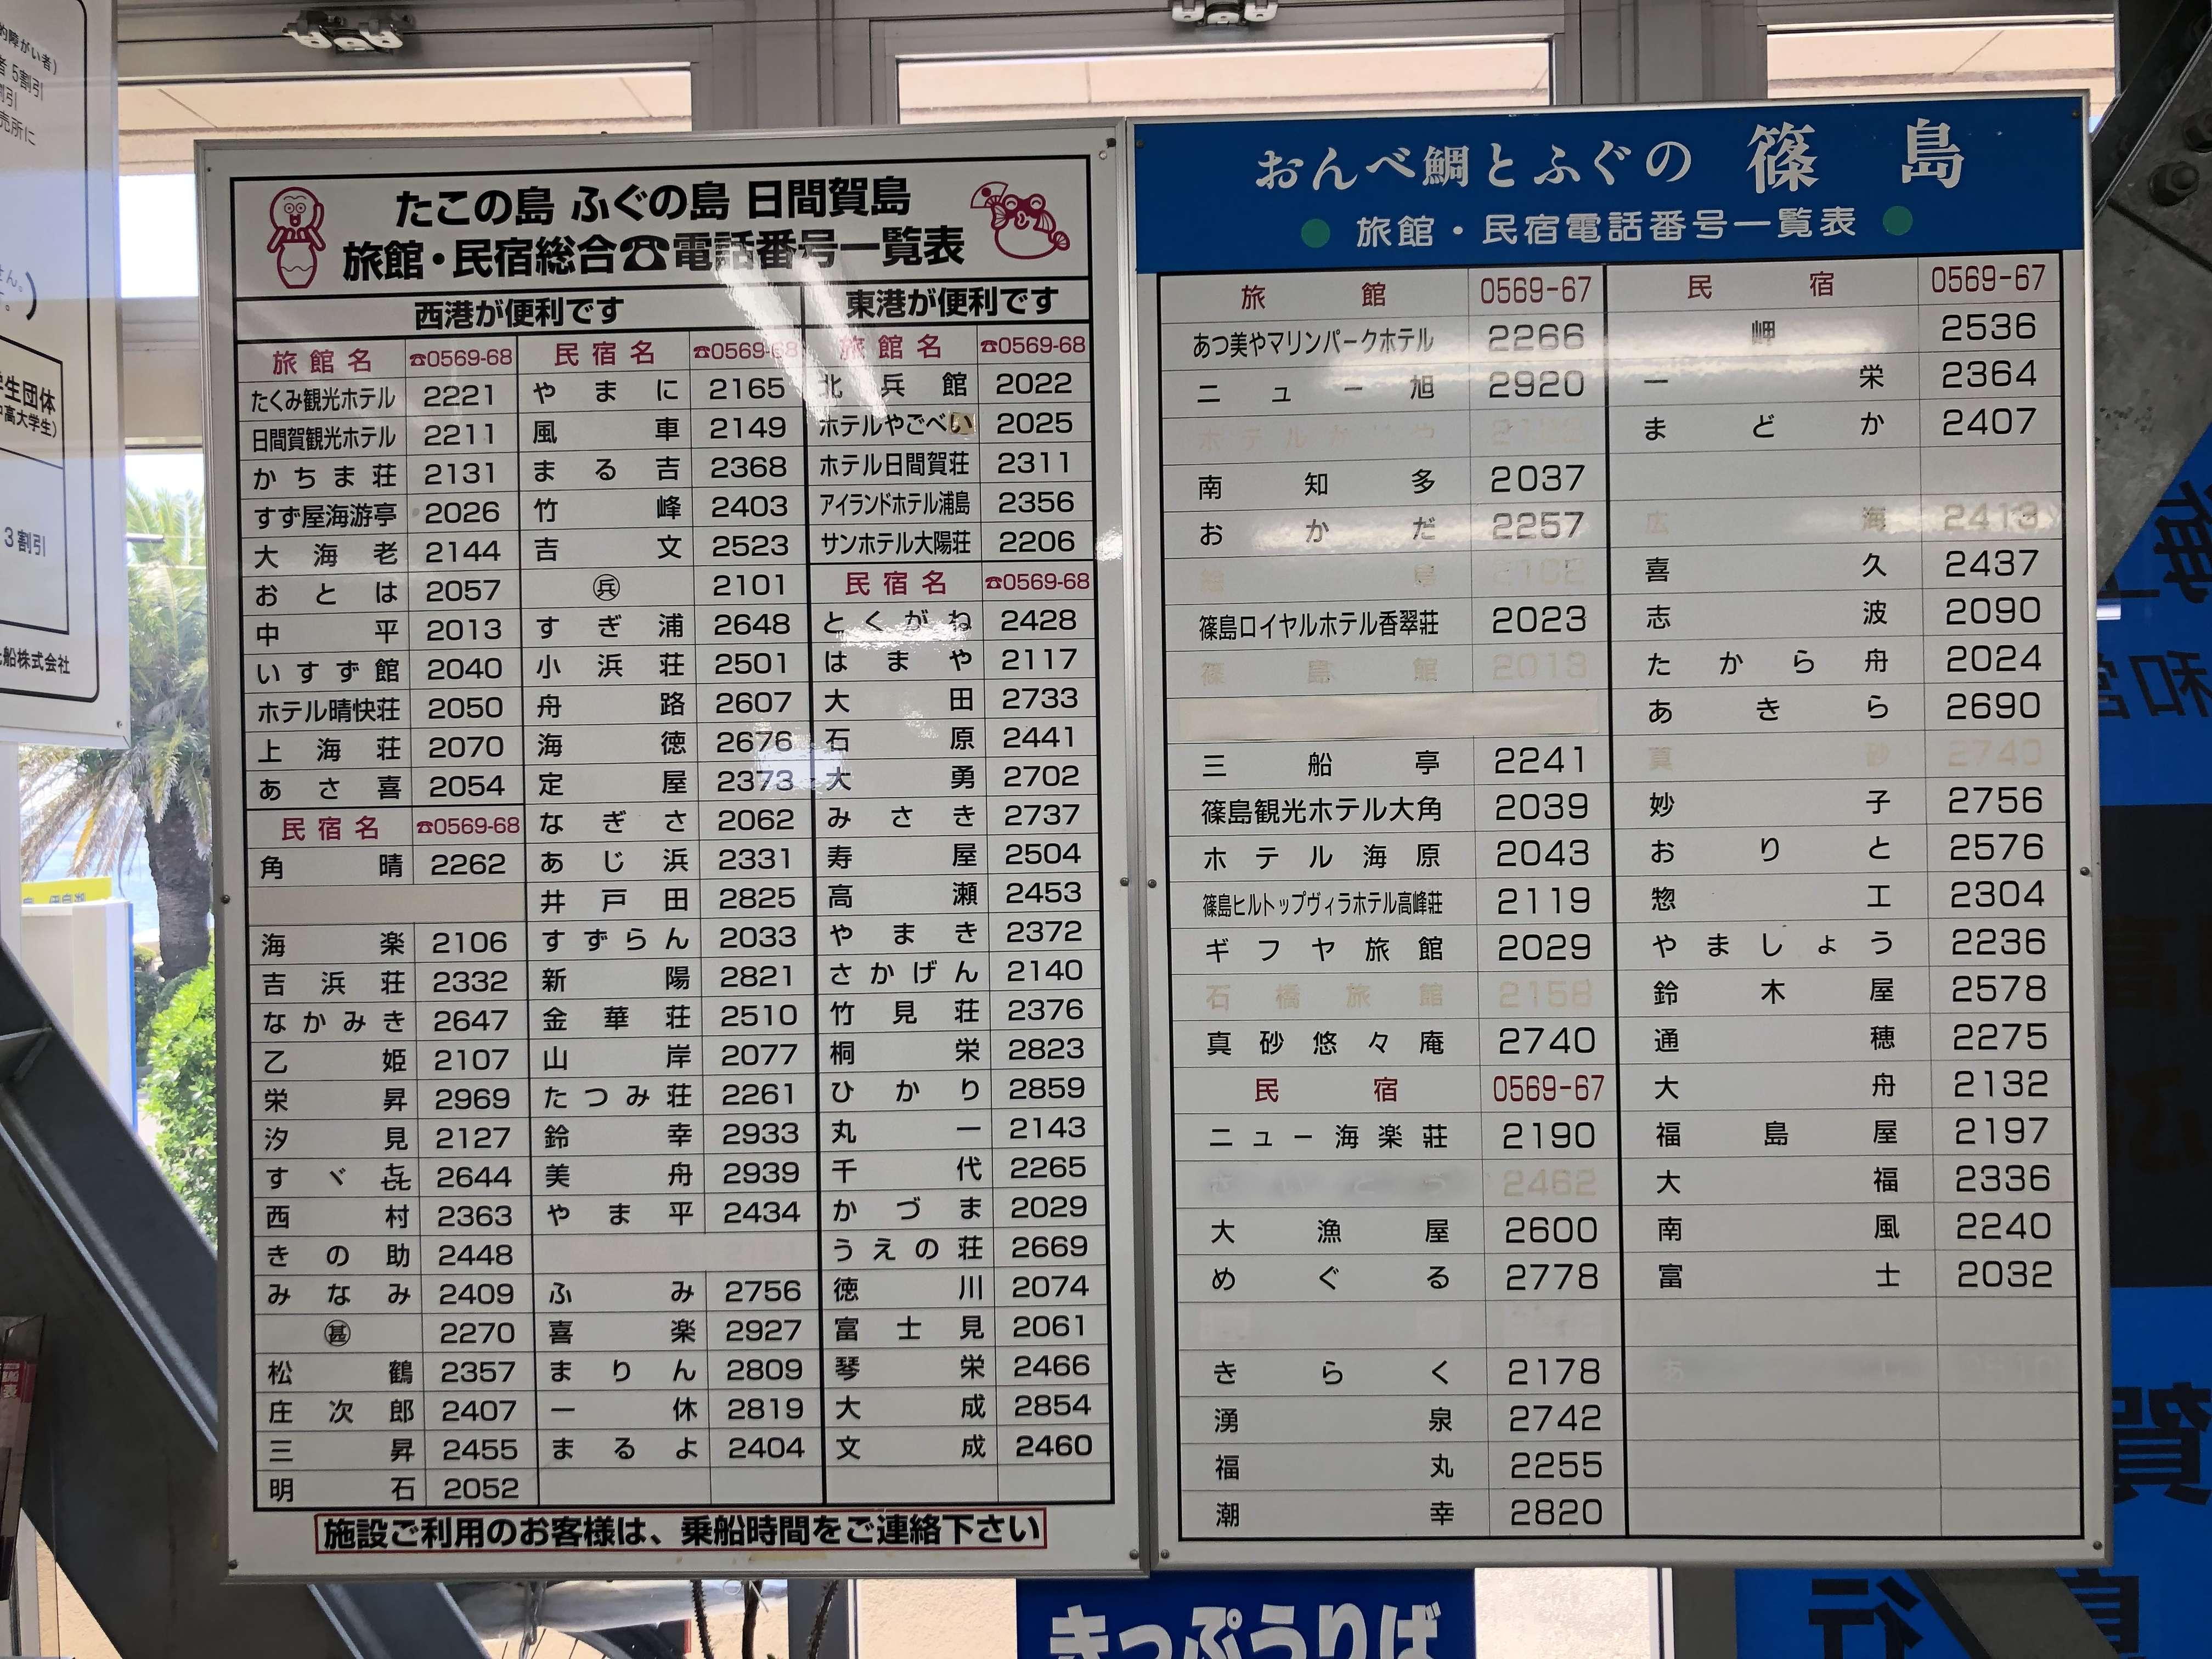 日間賀島 旅館 民宿 電話番号